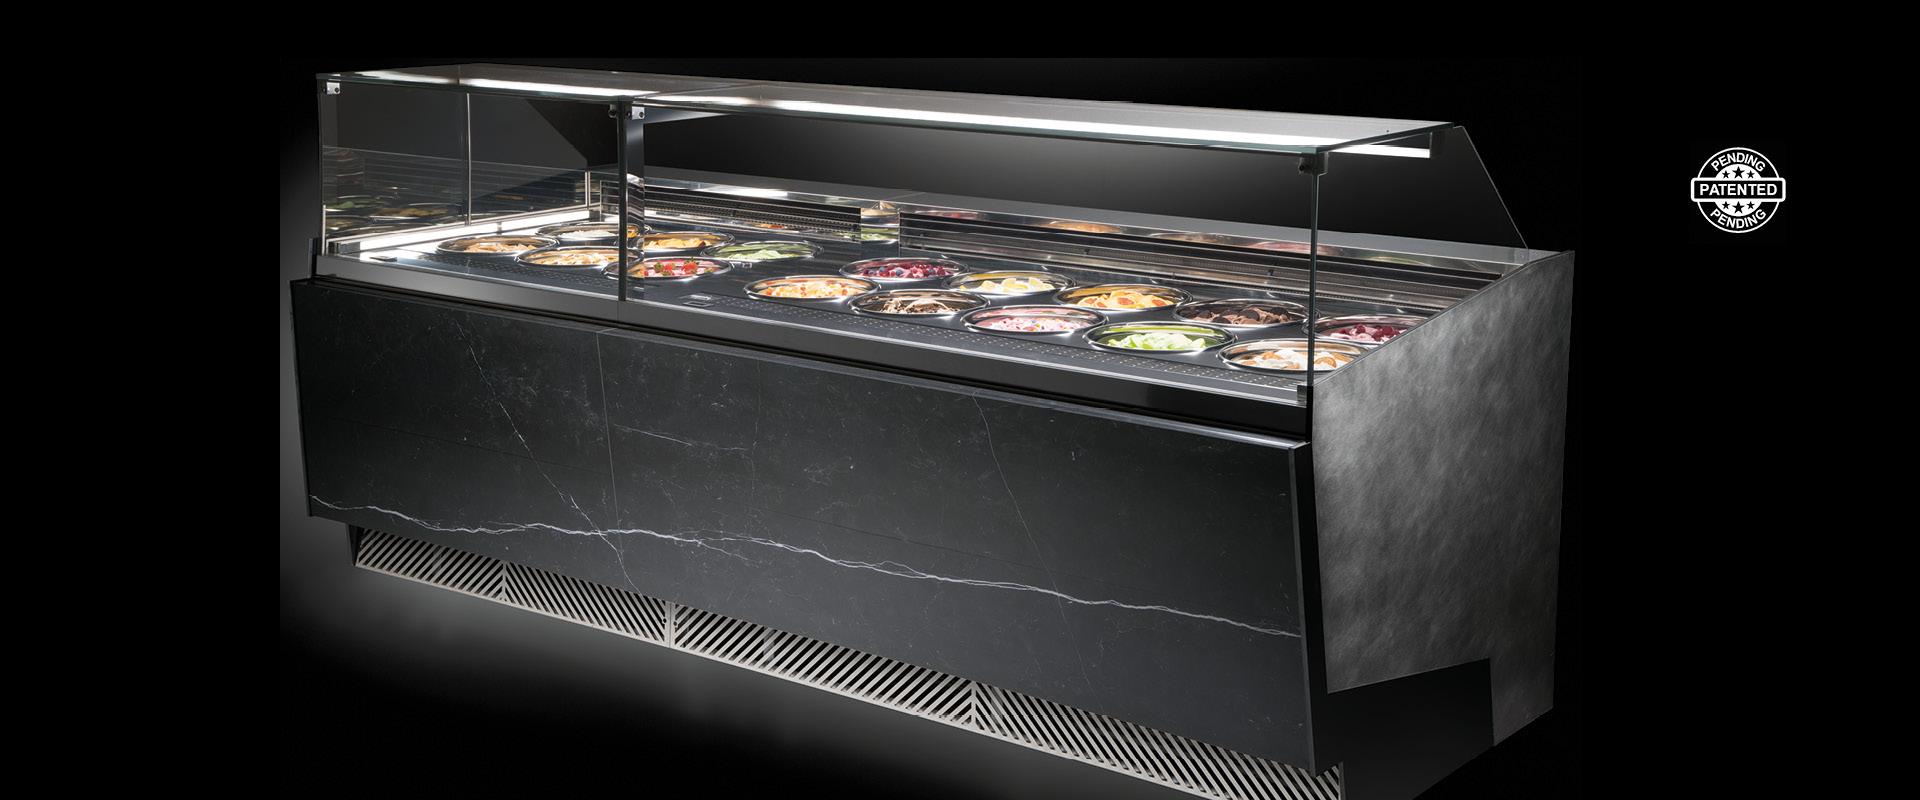 BRX _ Vista, la nuova soluzione per i professionisti del gelato e pasticceria